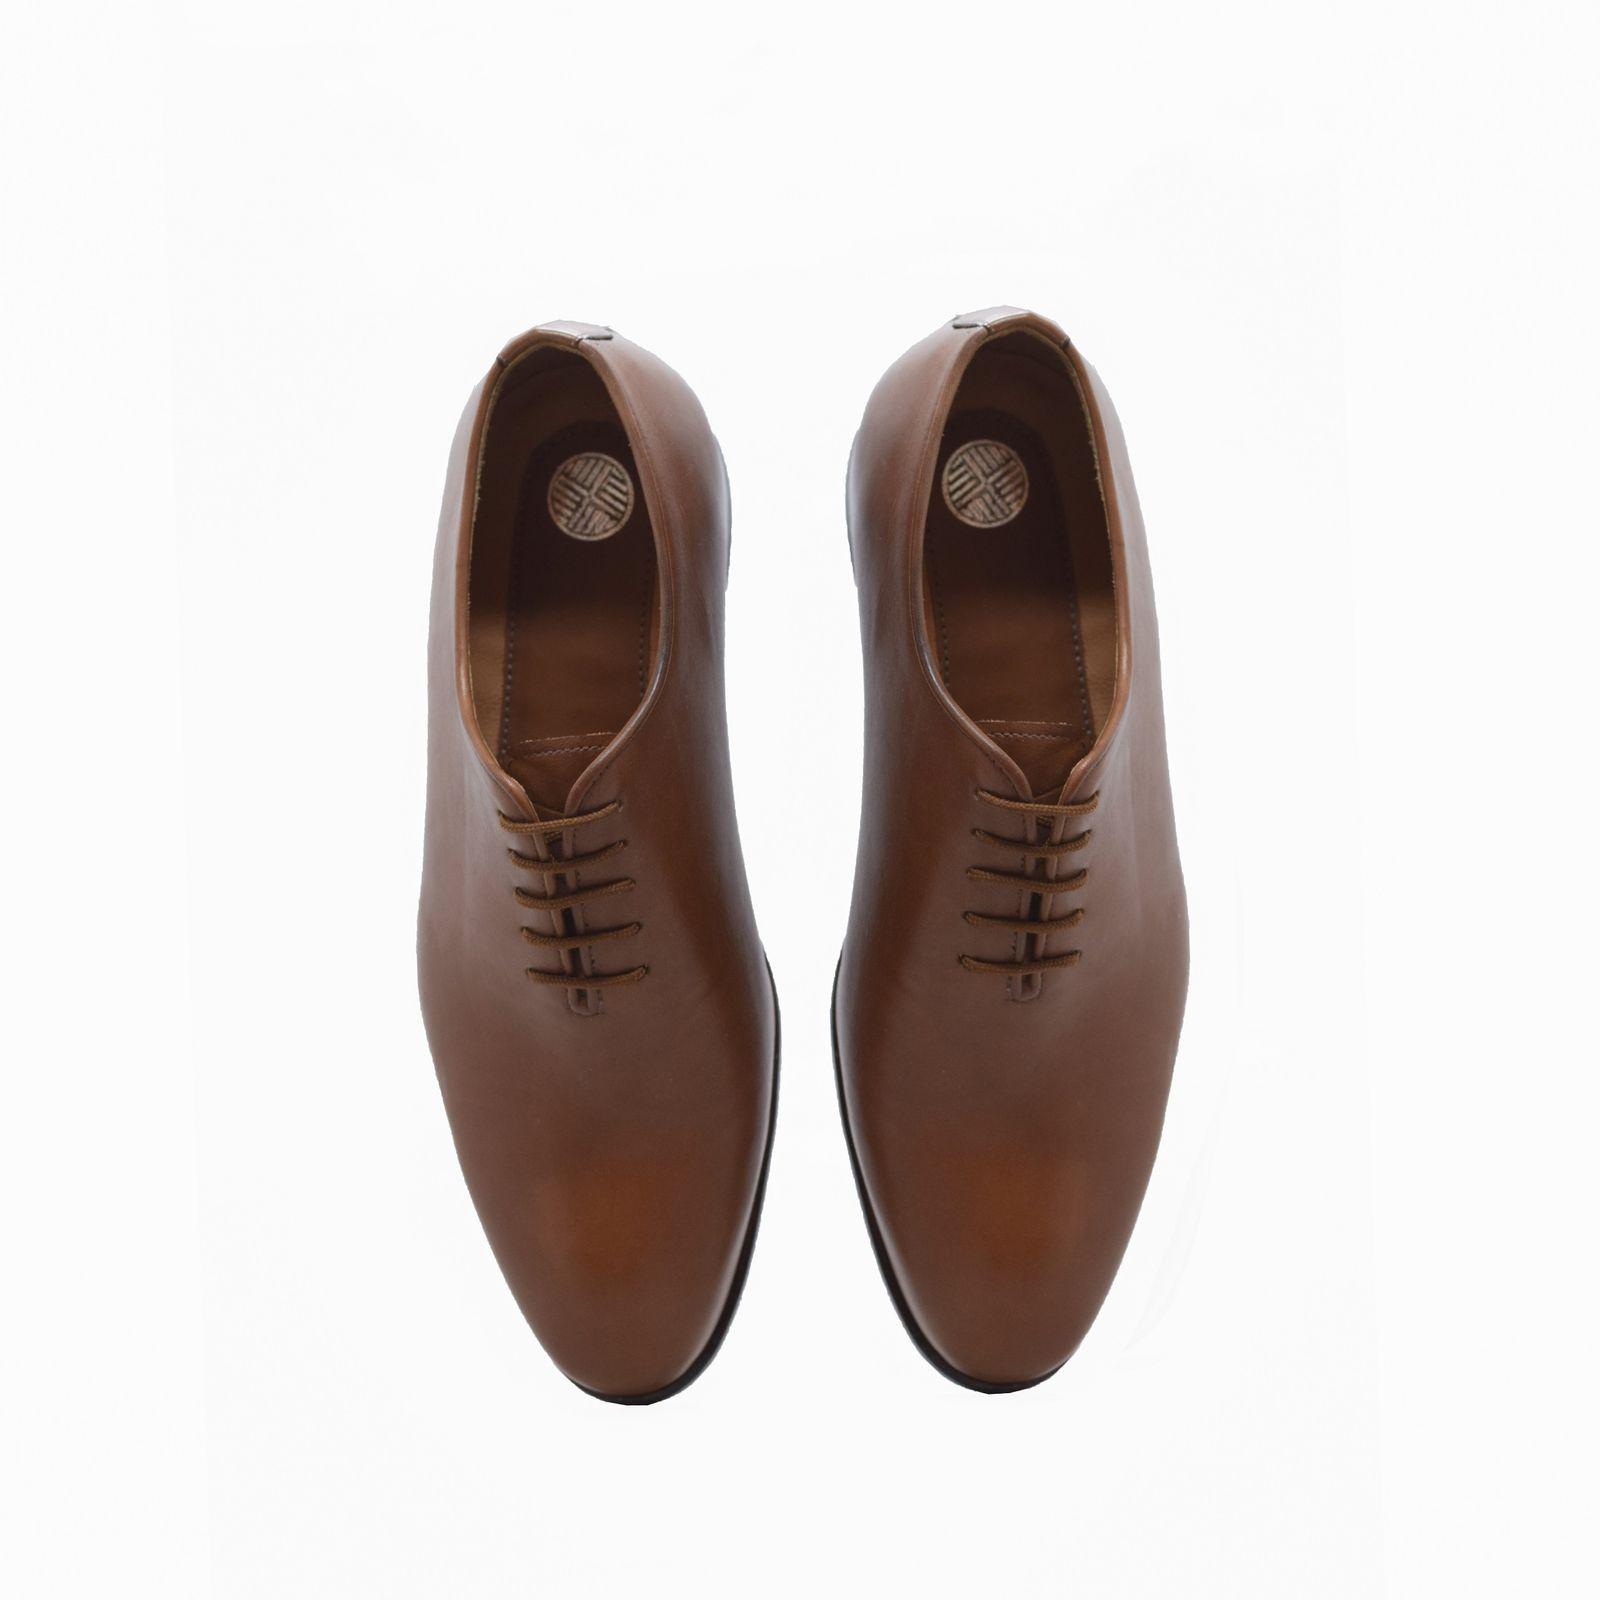 کفش مردانه دگرمان مدل کلاسیک کد deg.2101-407 -  - 6